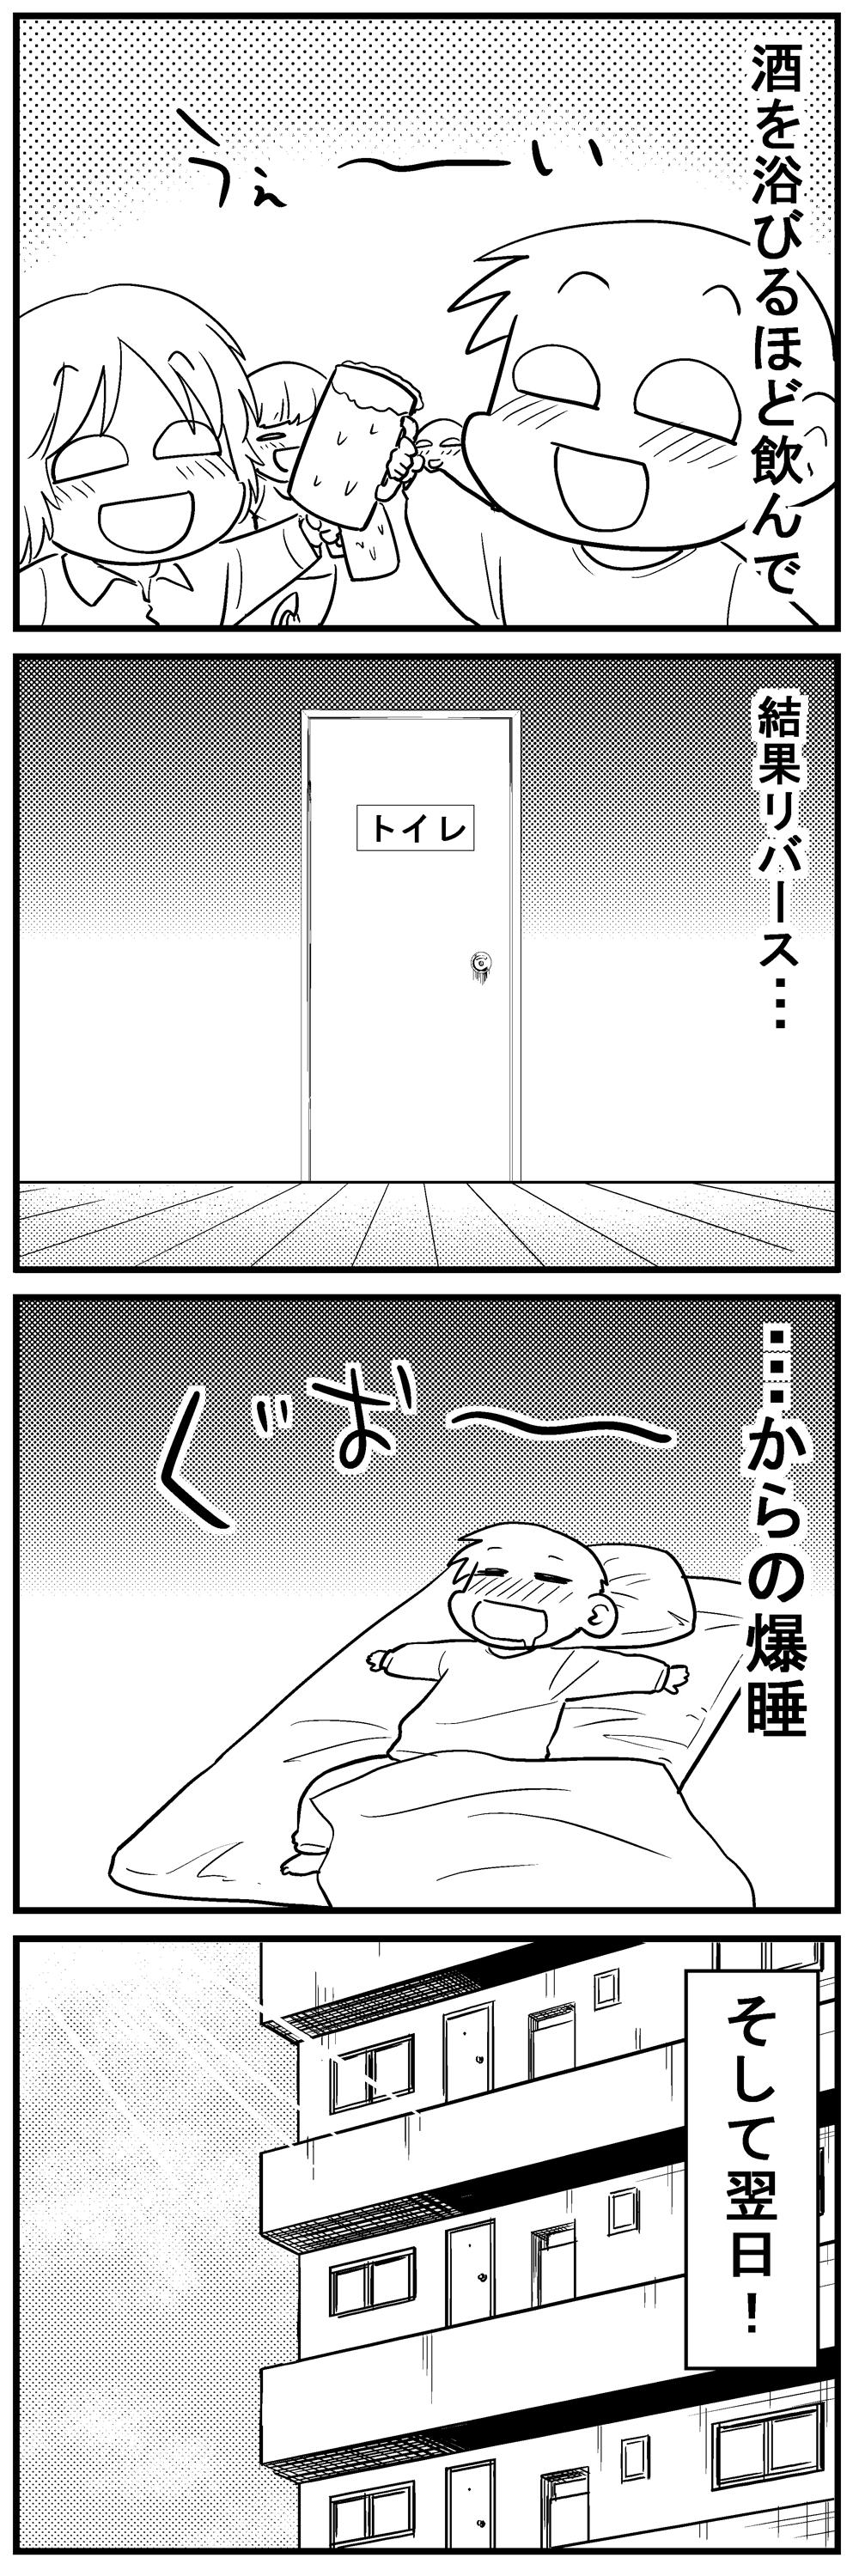 深読みくん133 1